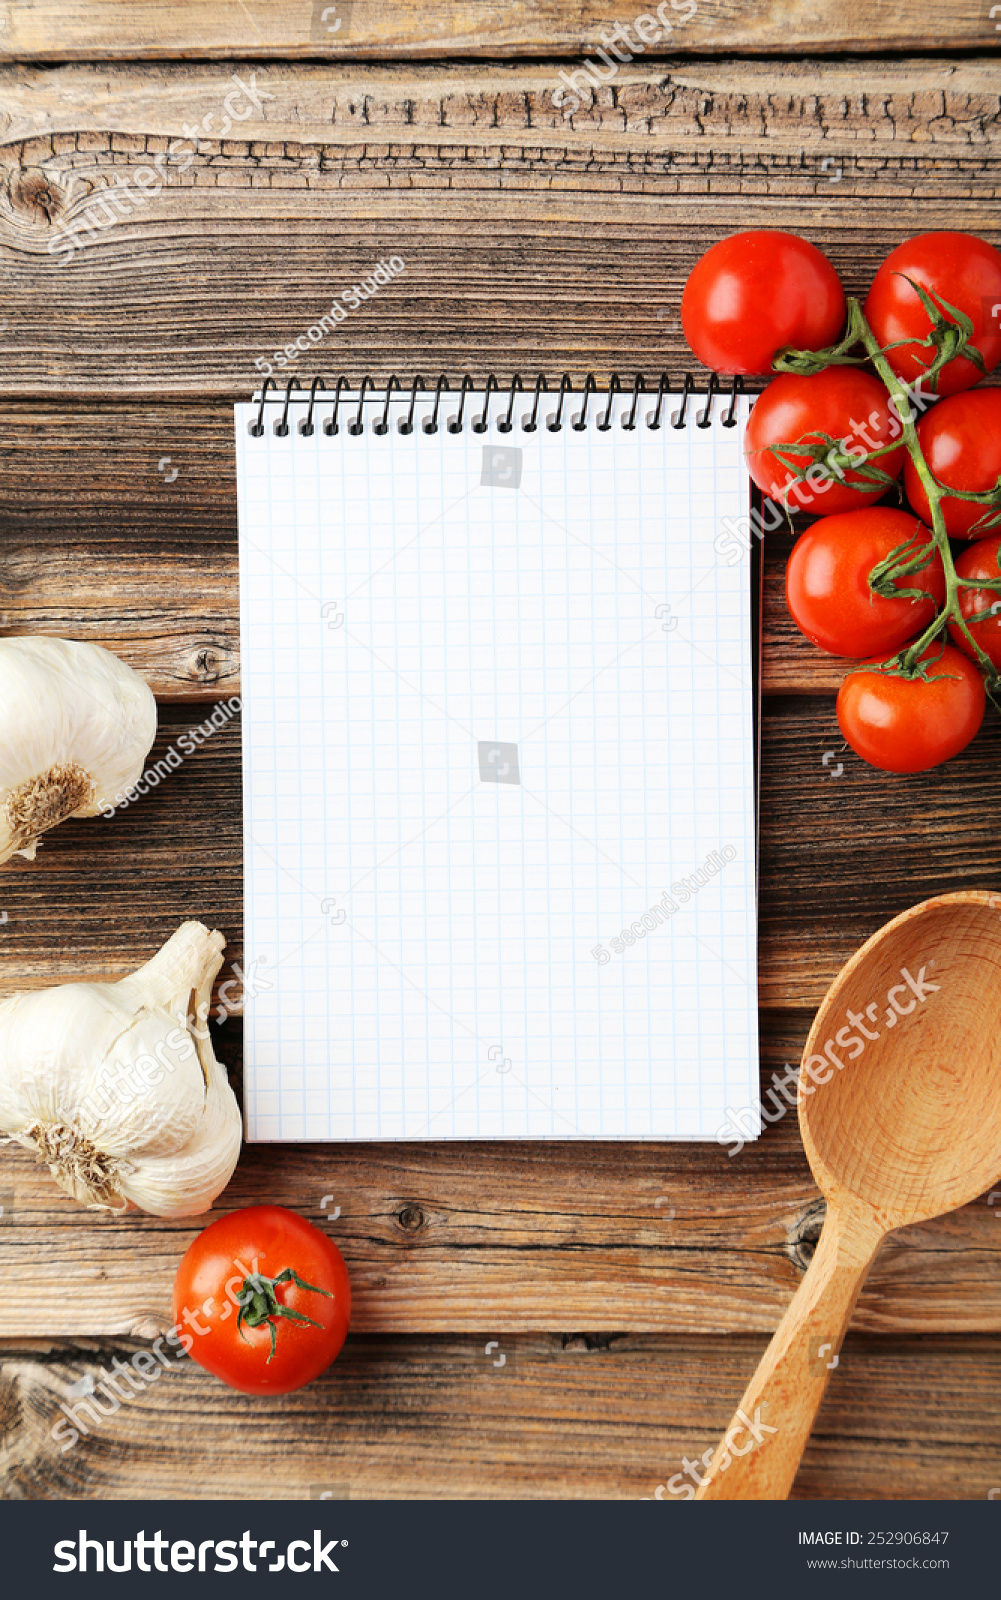 打开空白的食谱书在棕色木质背景-背景/素材,物体-()